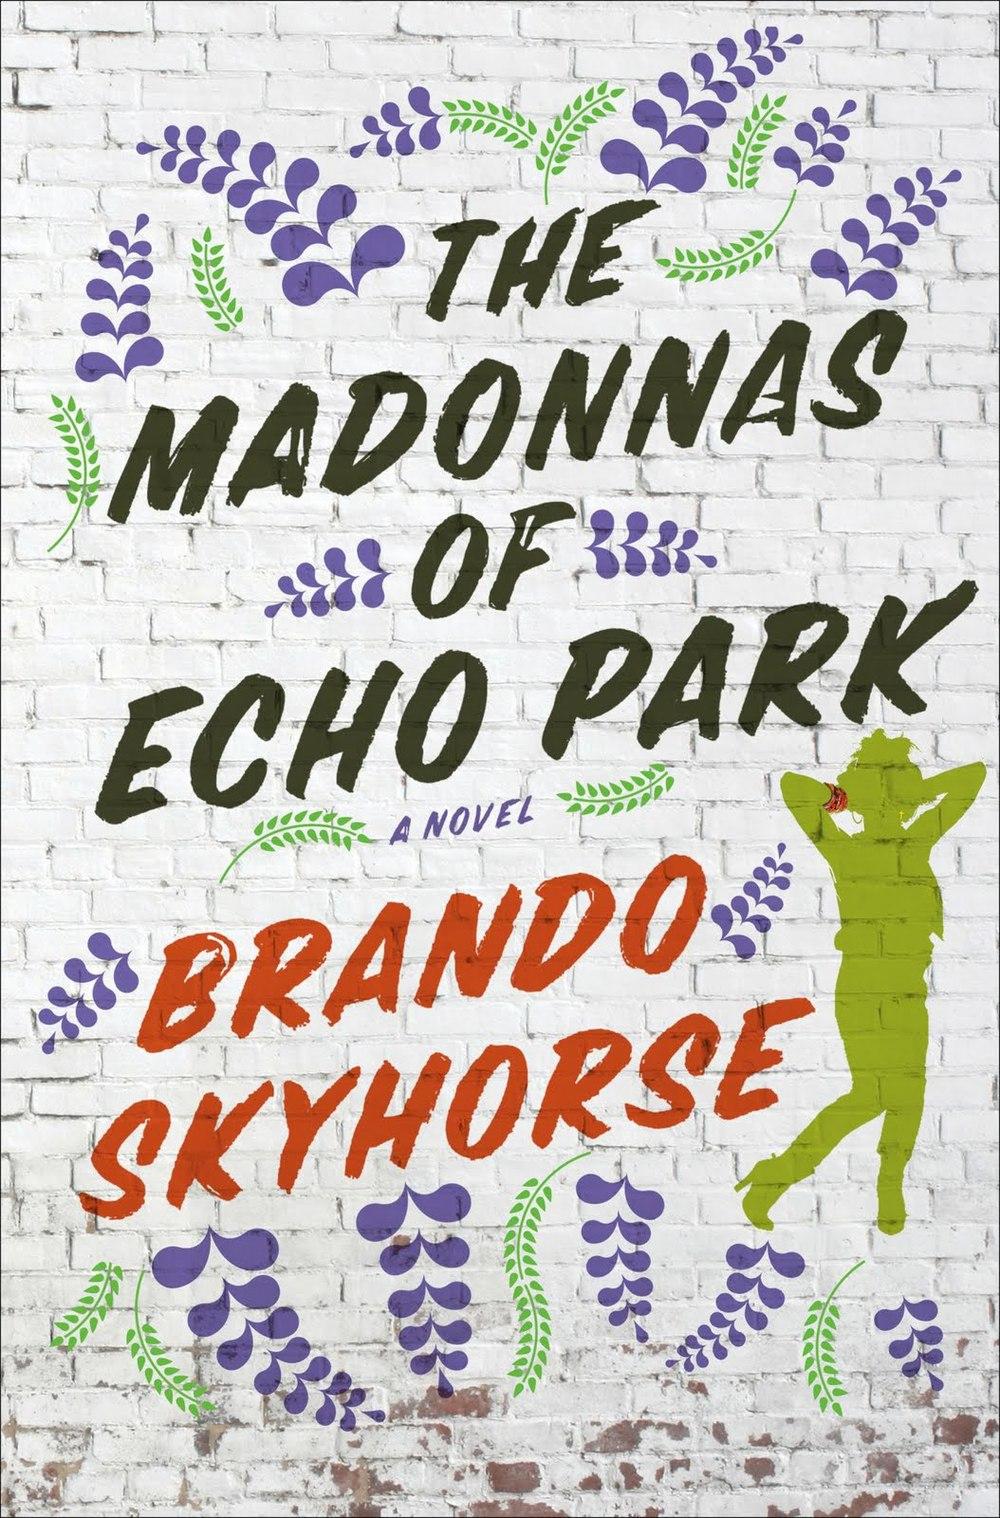 2011 – Brando Skyhorse